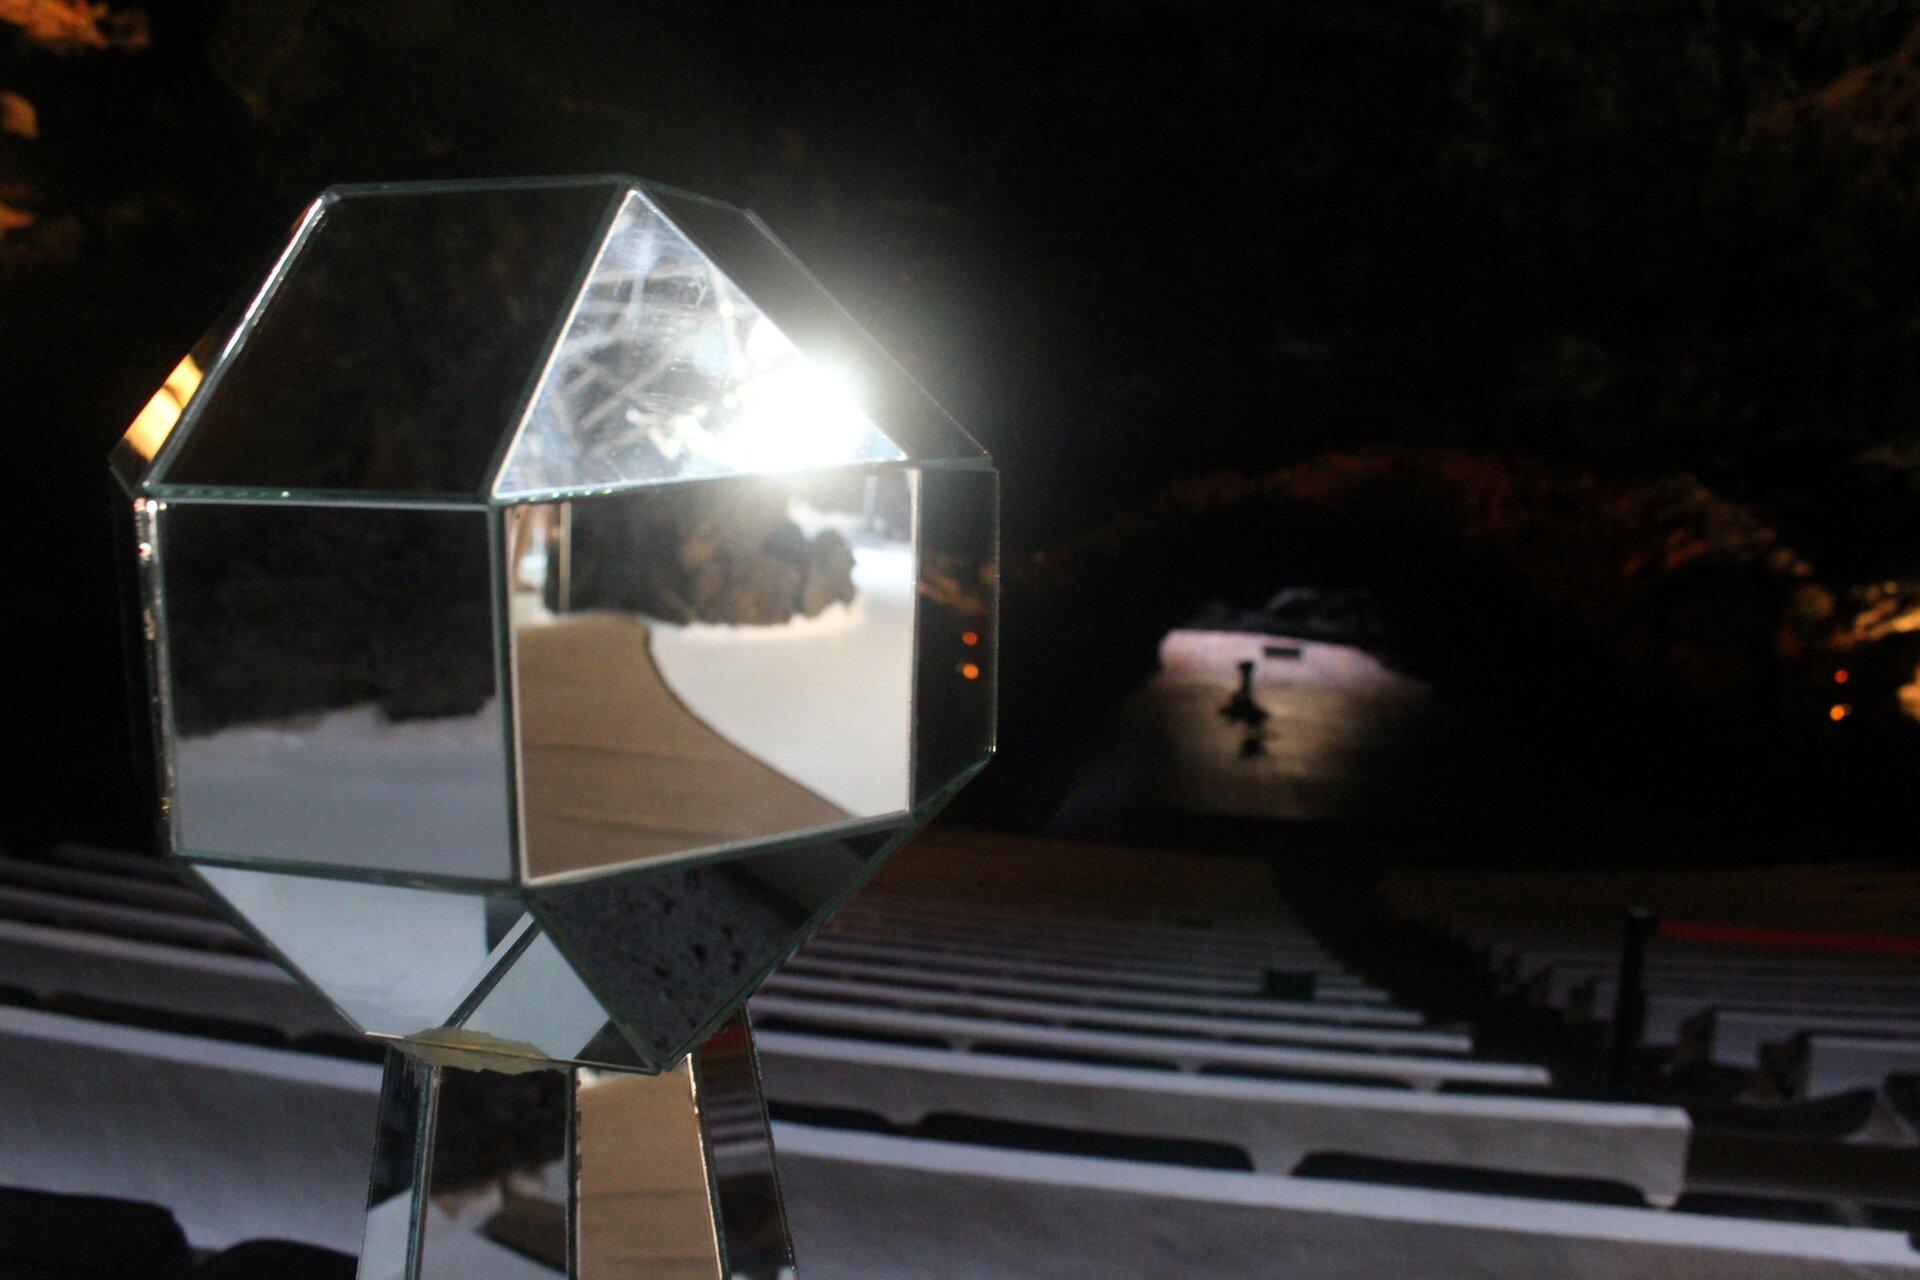 """Zdjęcie """"zajączka"""" czyli promienia światła odbitego wlusterku"""